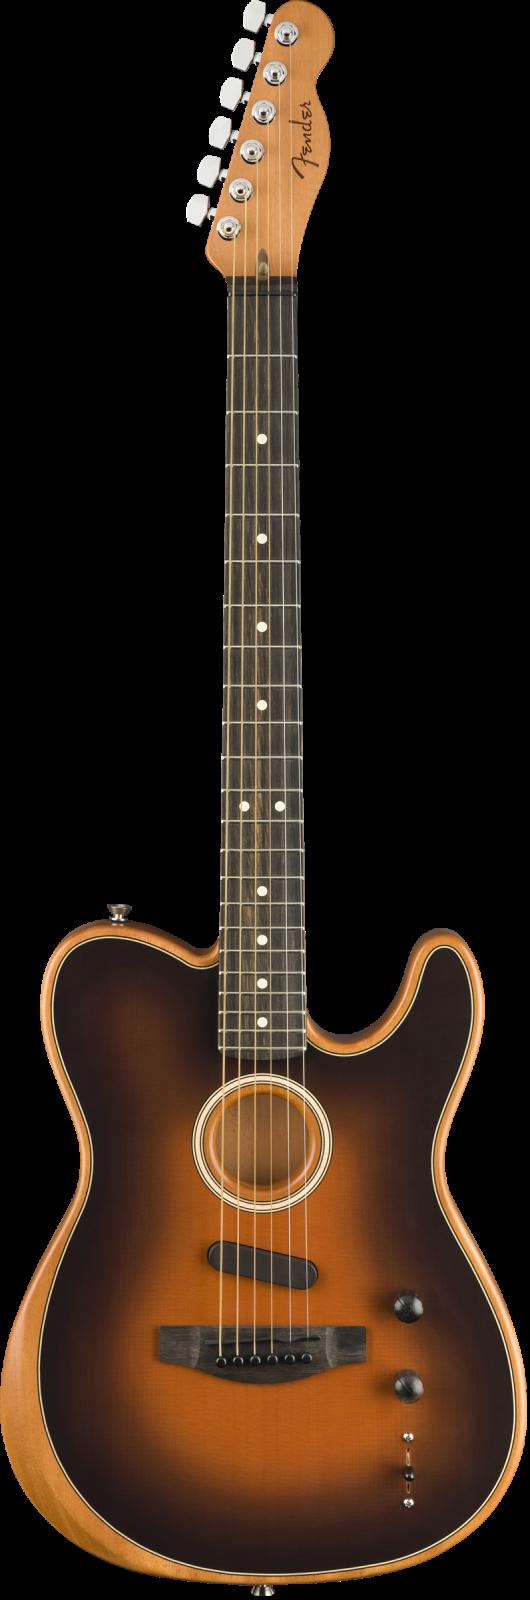 Fender Acoustasonic Telecaster SunBurst